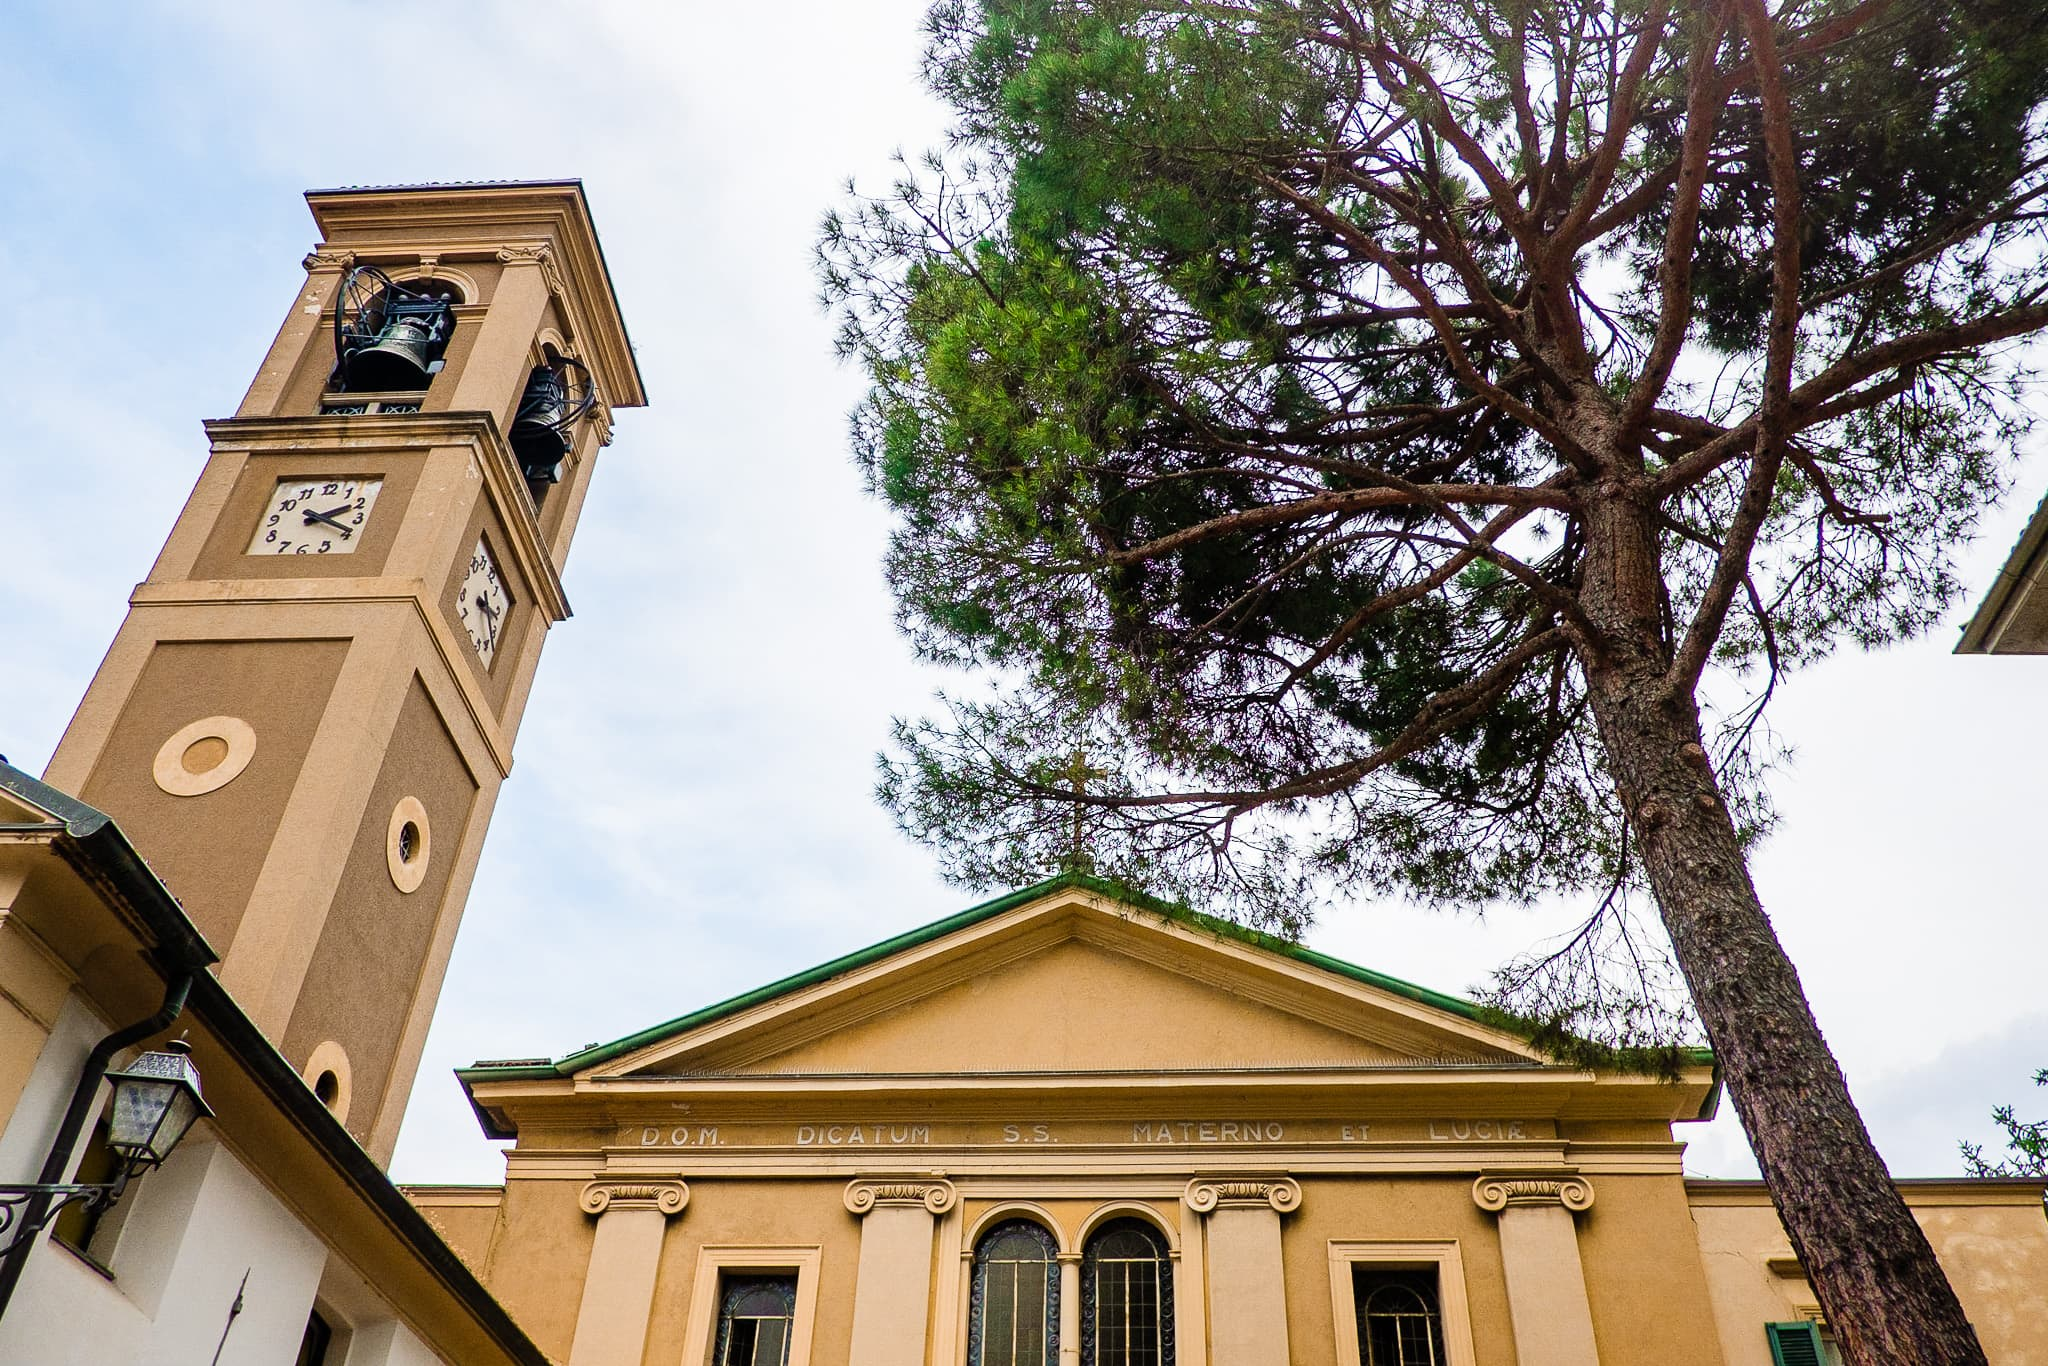 Matrimonio Lecco chiesa promessi sposi 34